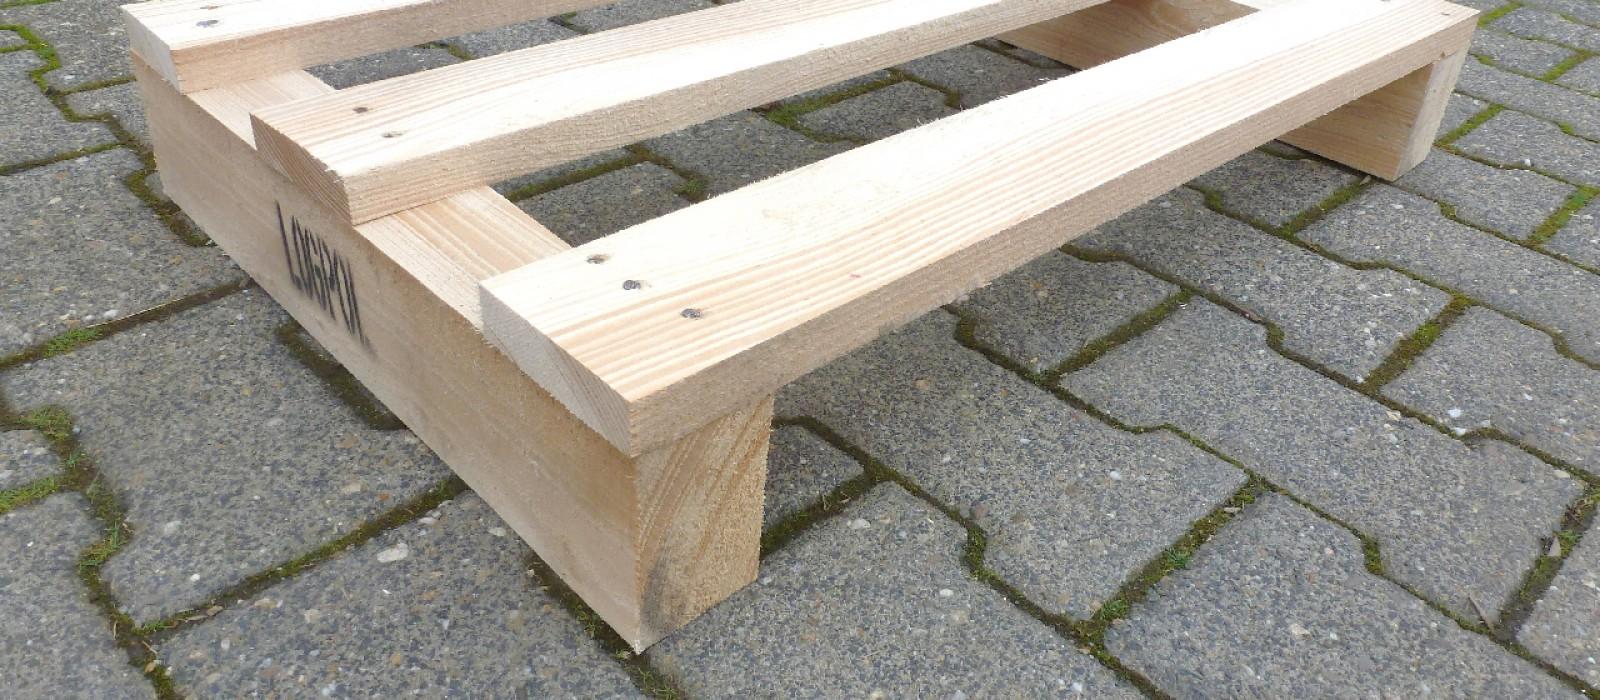 Holzpalette-mit-drei-Deckbrettern